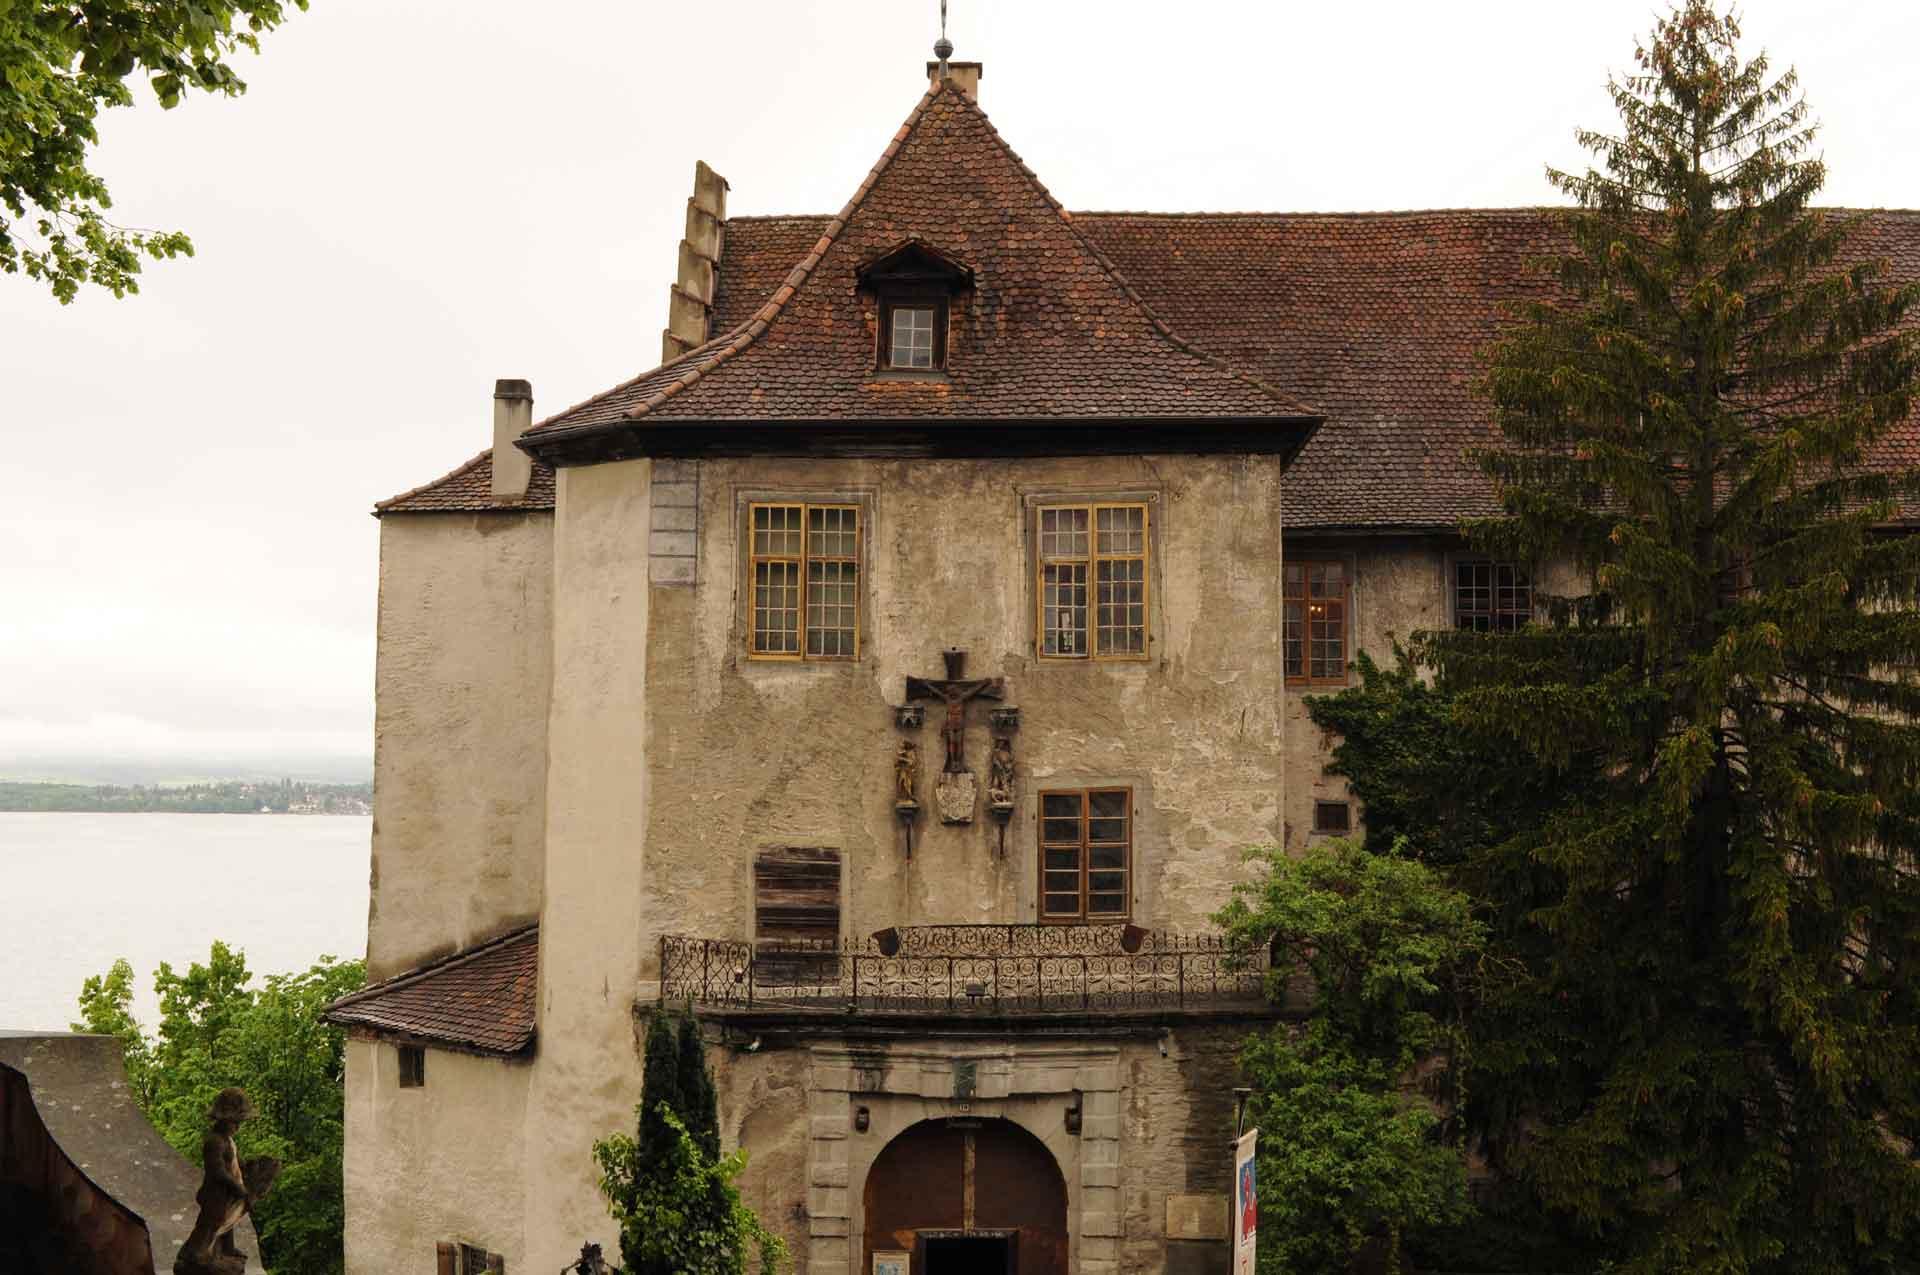 Die 1.400 Jahre alte Burg Meersburg - Die beste Ritterburg 3